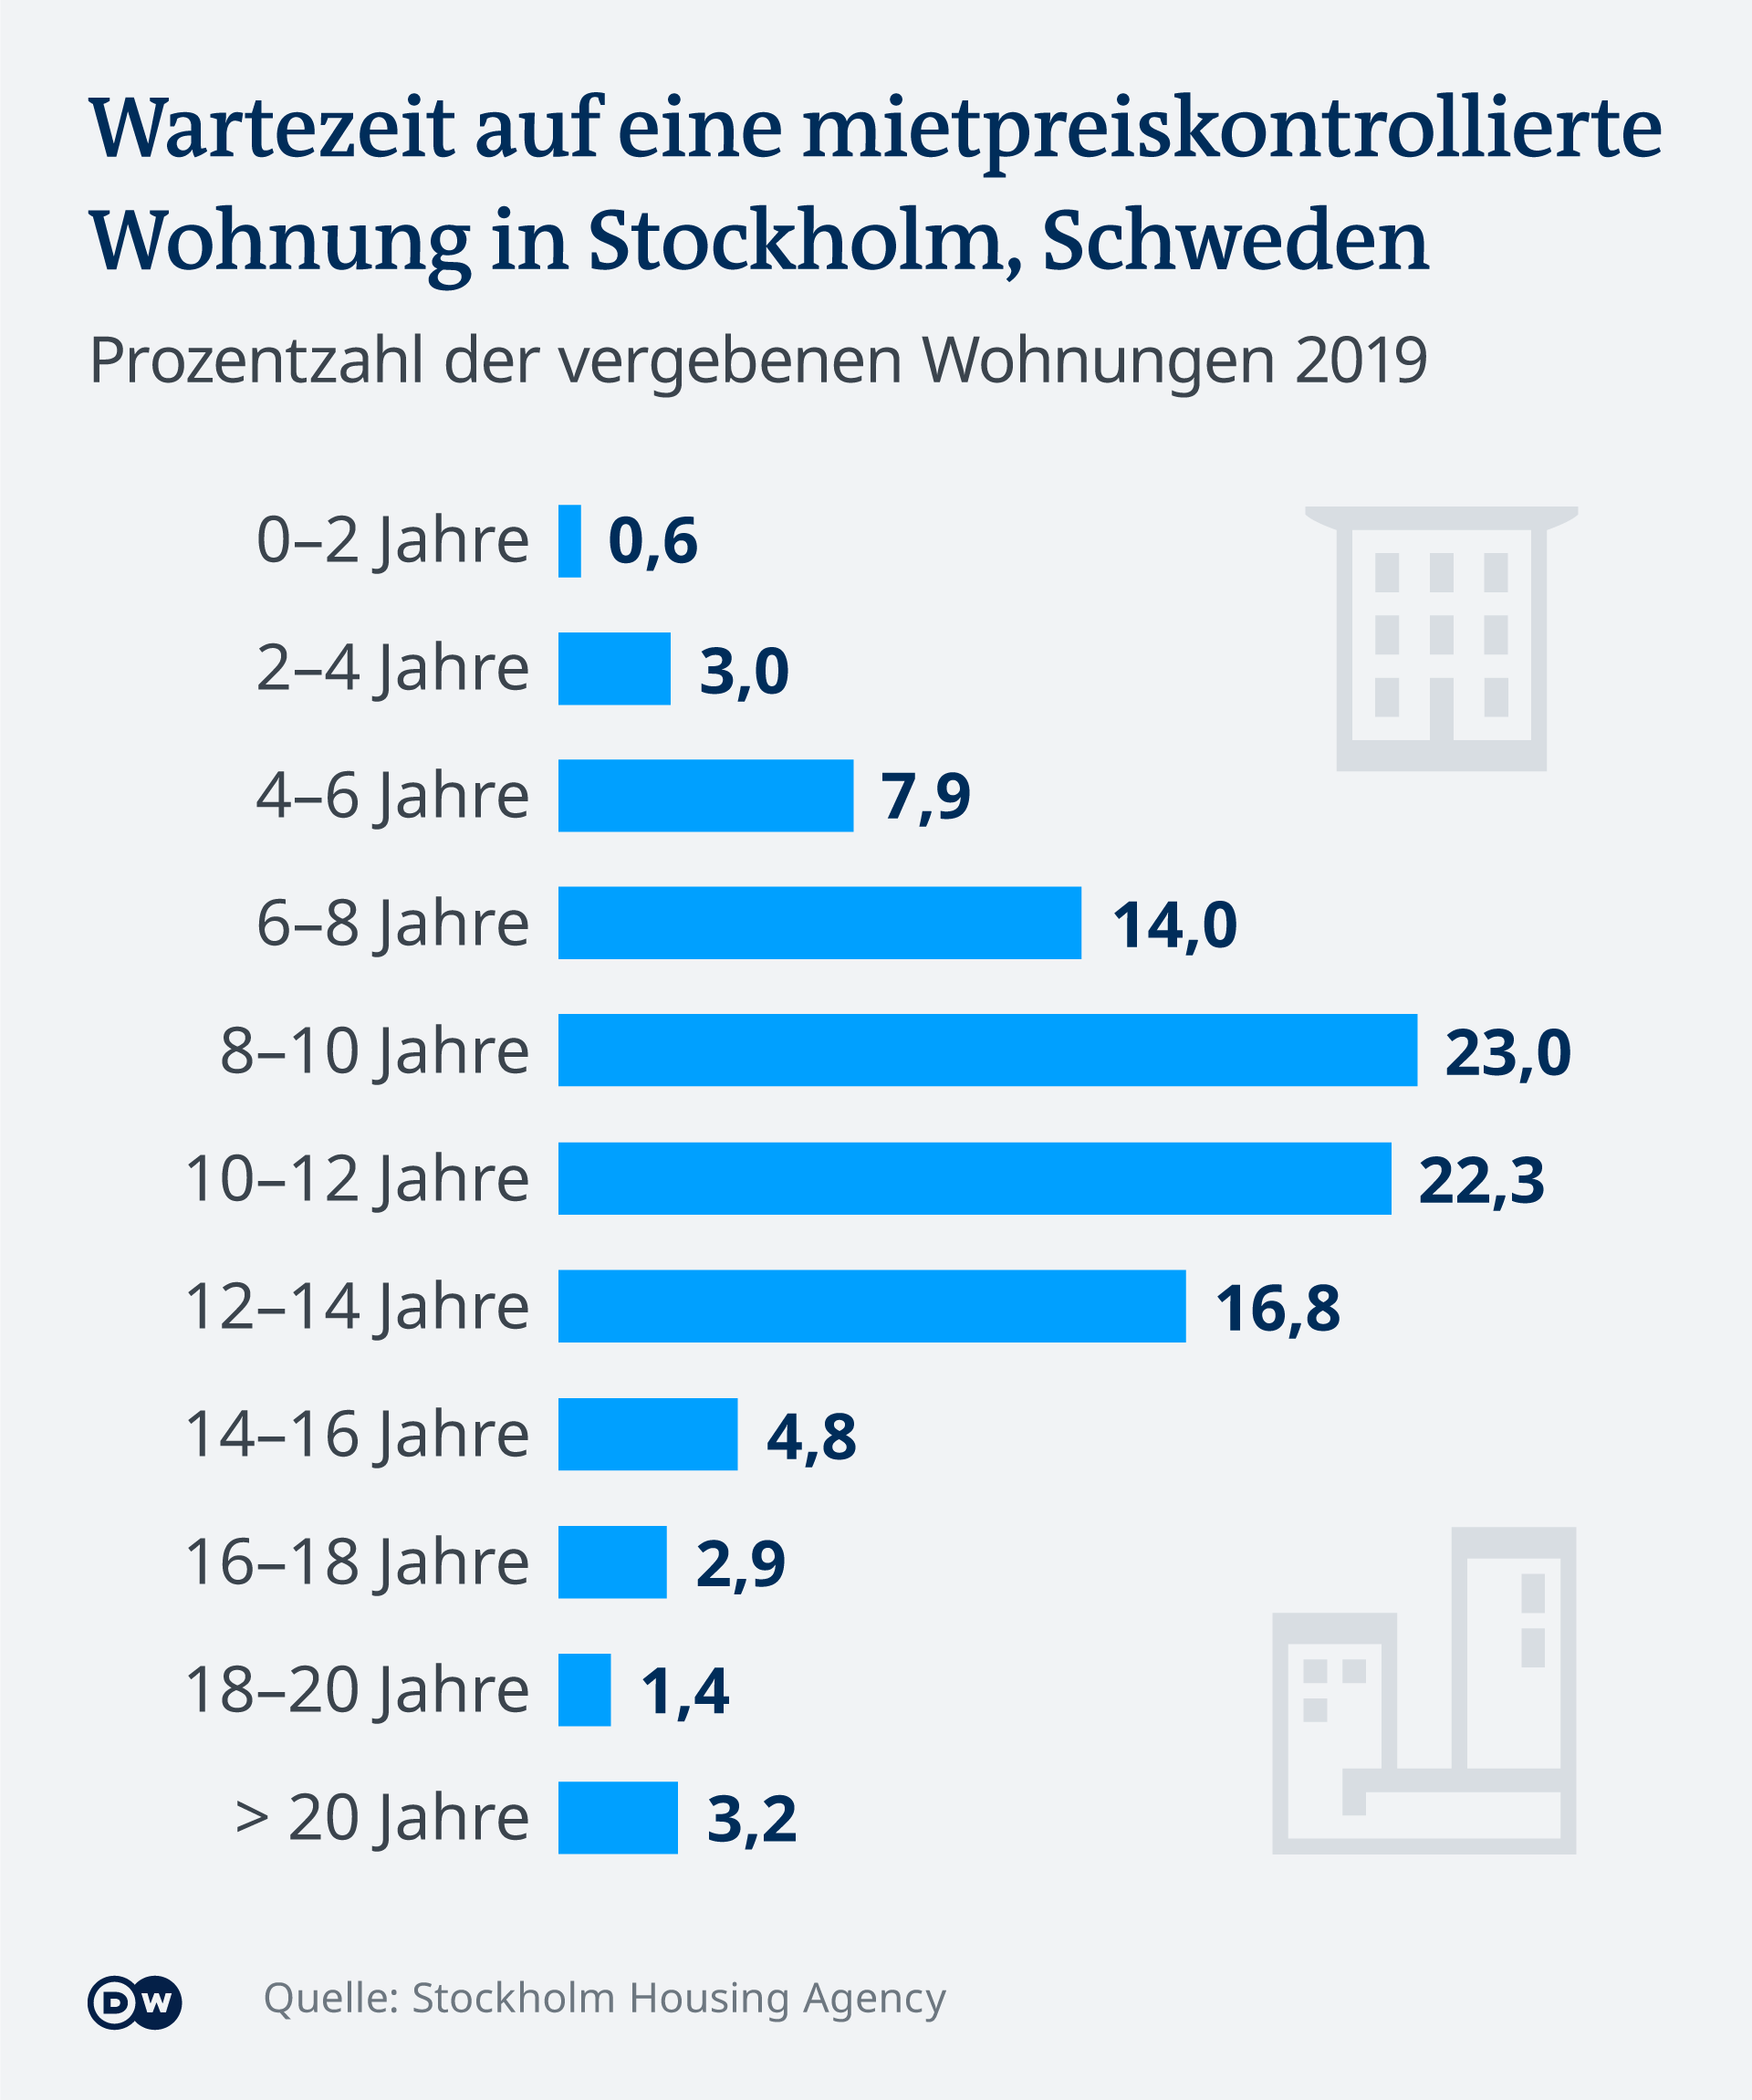 Infografik Mietpreiskontrolle Wartezeit Wohnung Stockholm DE